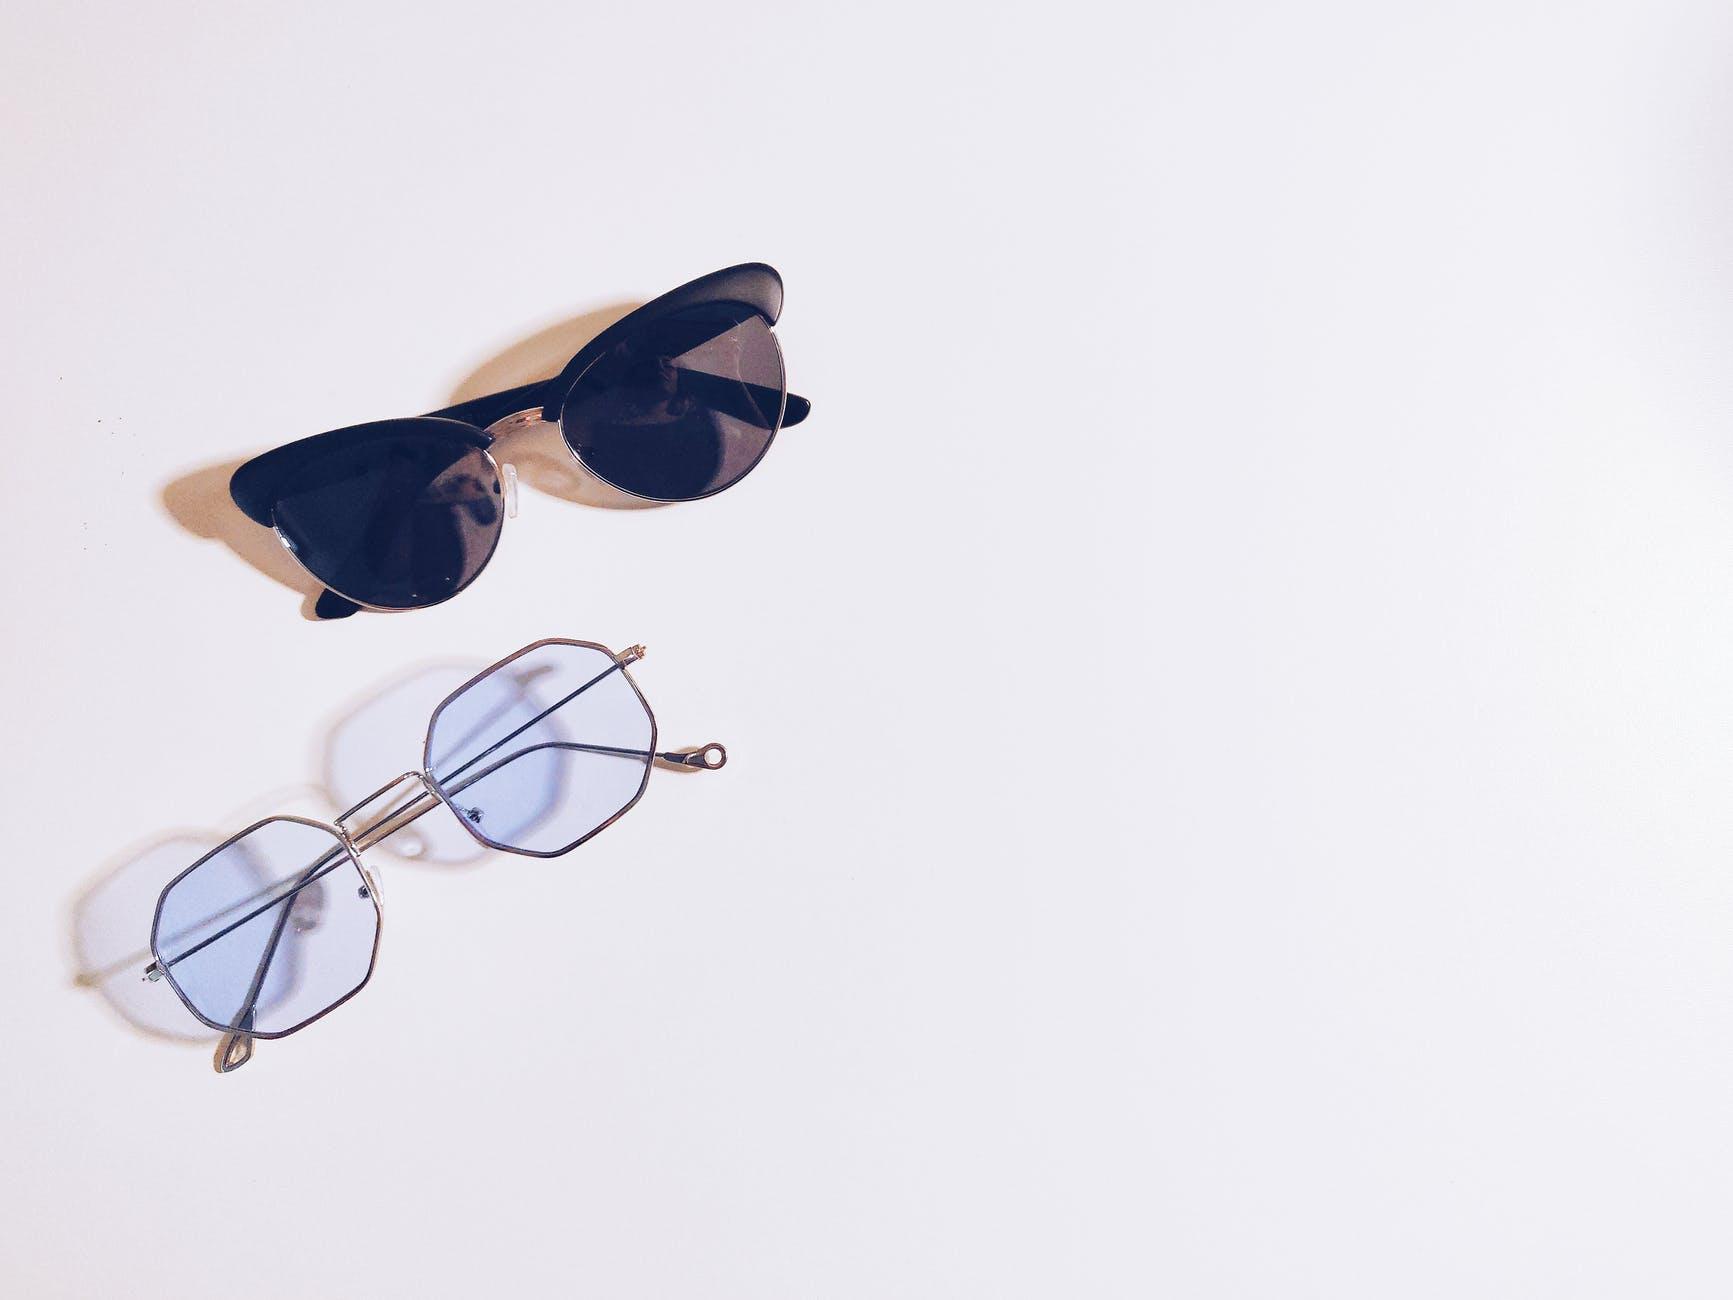 Okuliare, ktoré vám pomôžu ochrániť zdravie očí